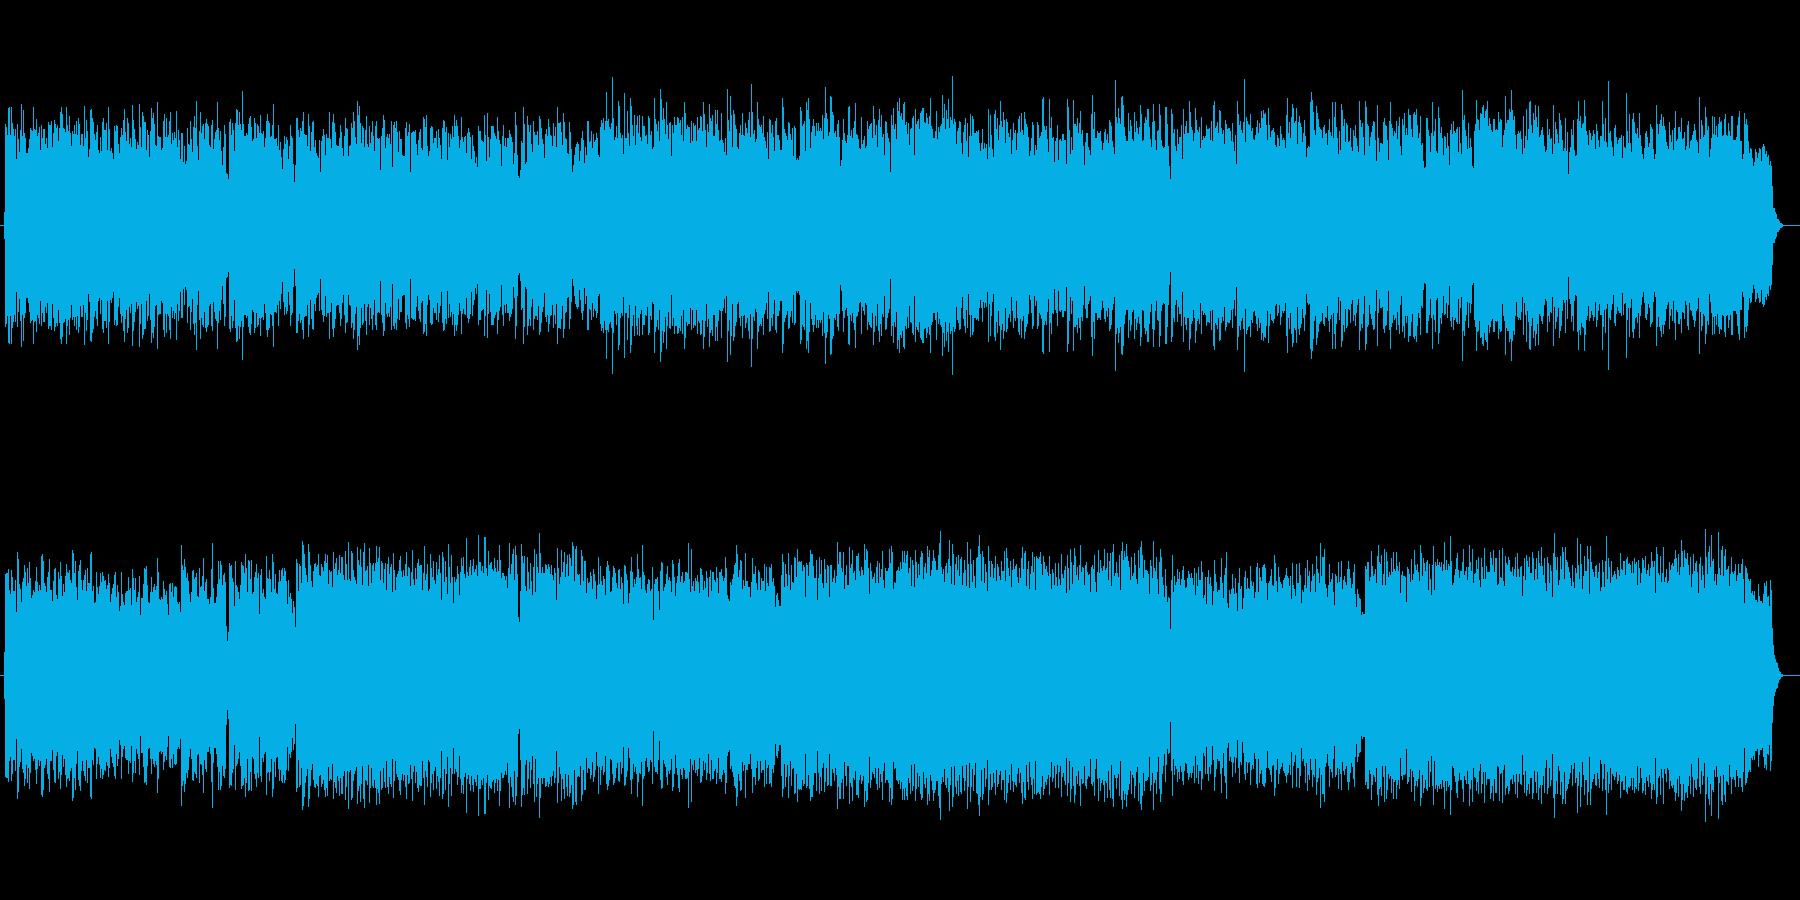 高貴な雰囲気のクラシック曲の再生済みの波形